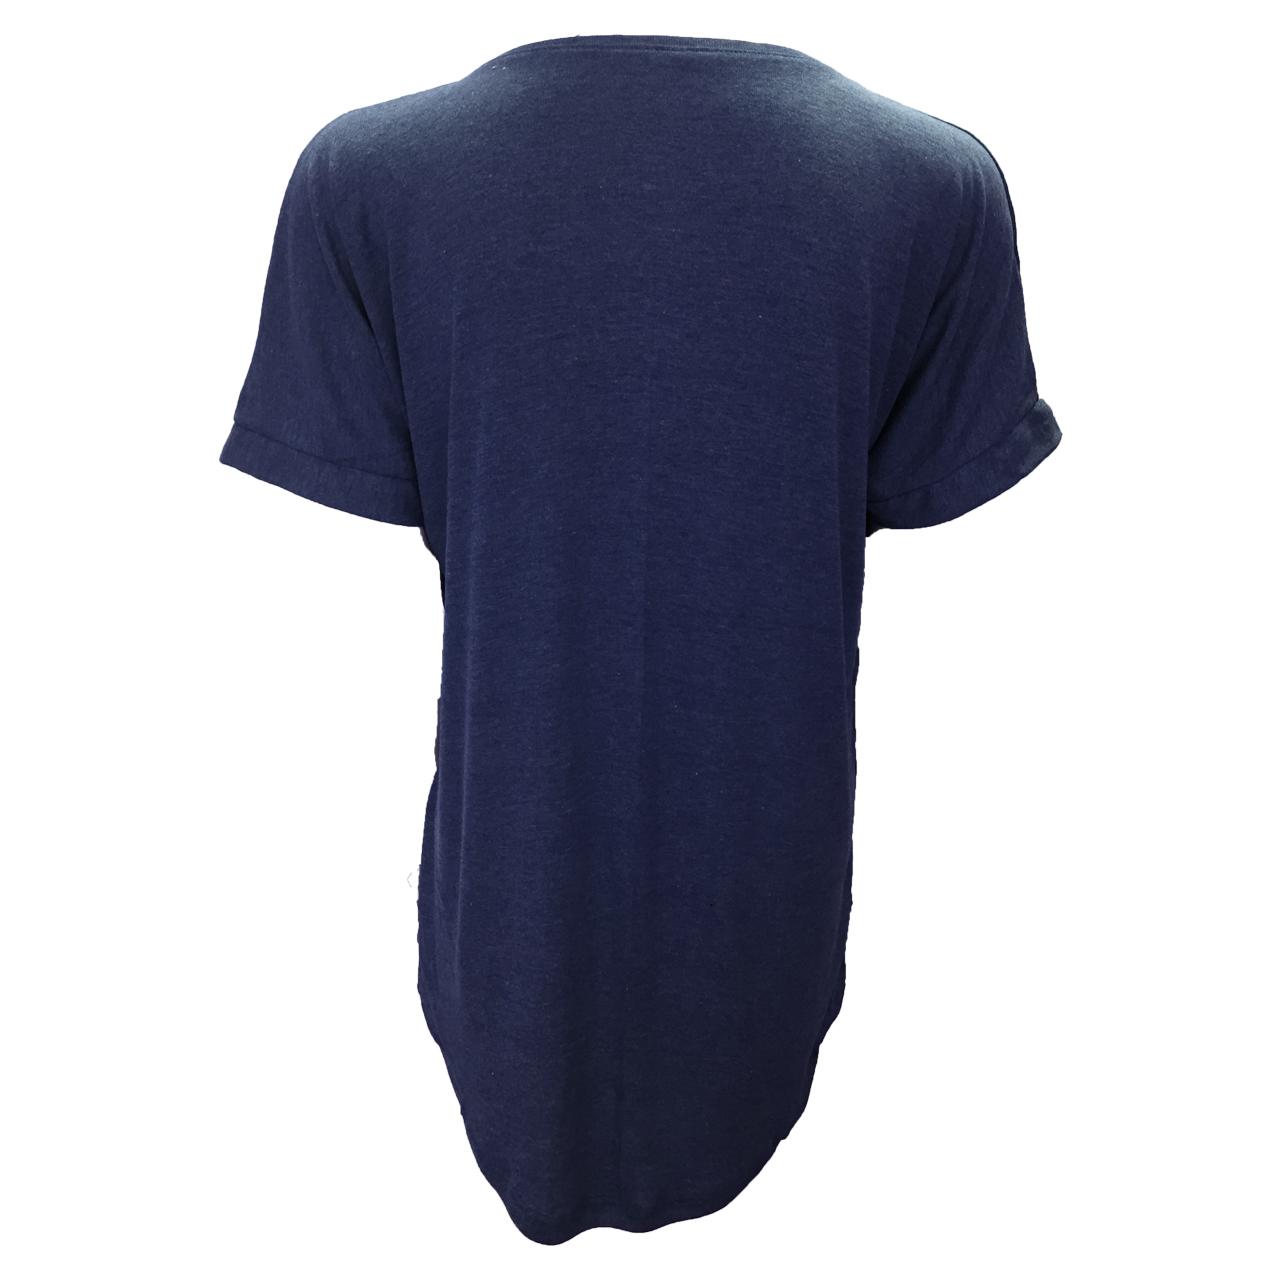 تی شرت آستین کوتاه زنانه مدل WATERFALL کد tms-858 رنگ سرمه ای